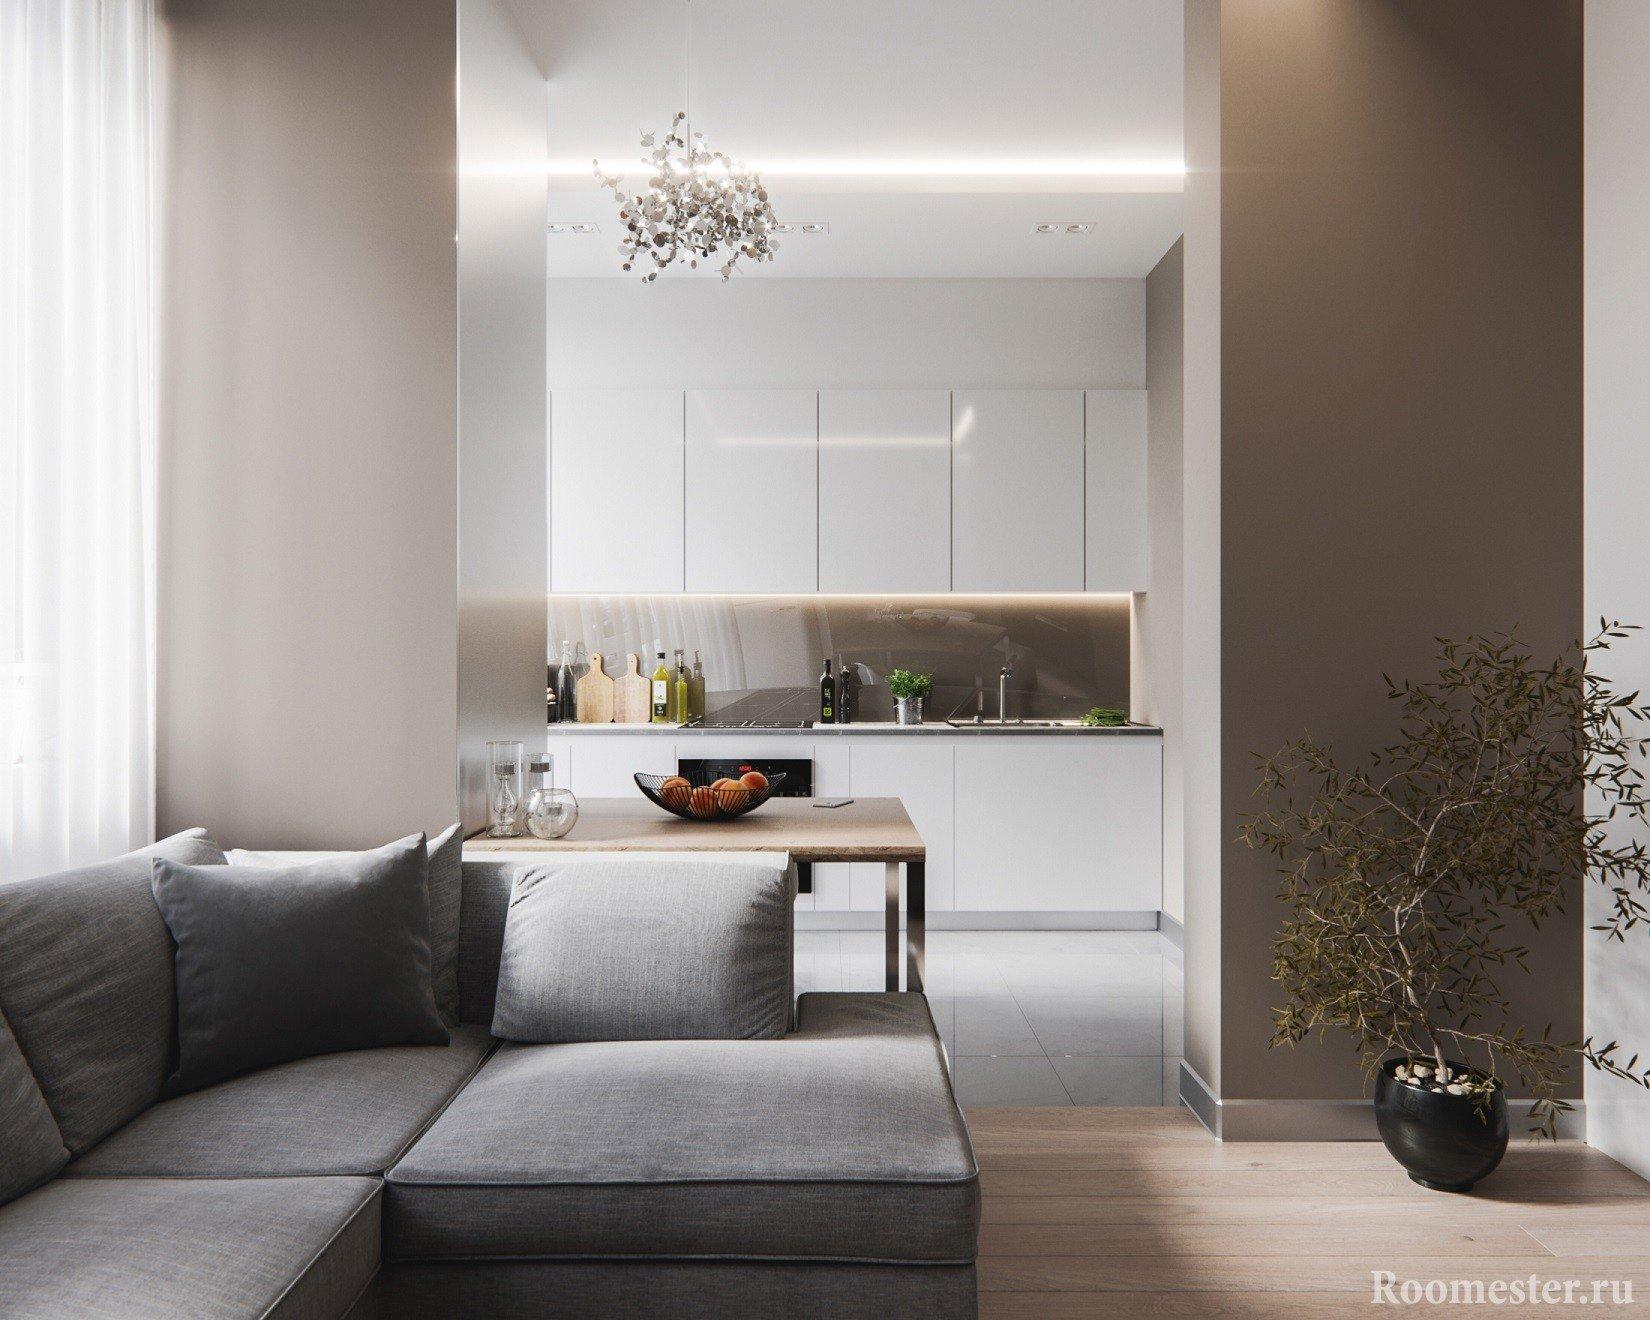 Вид на кухню из гостиной